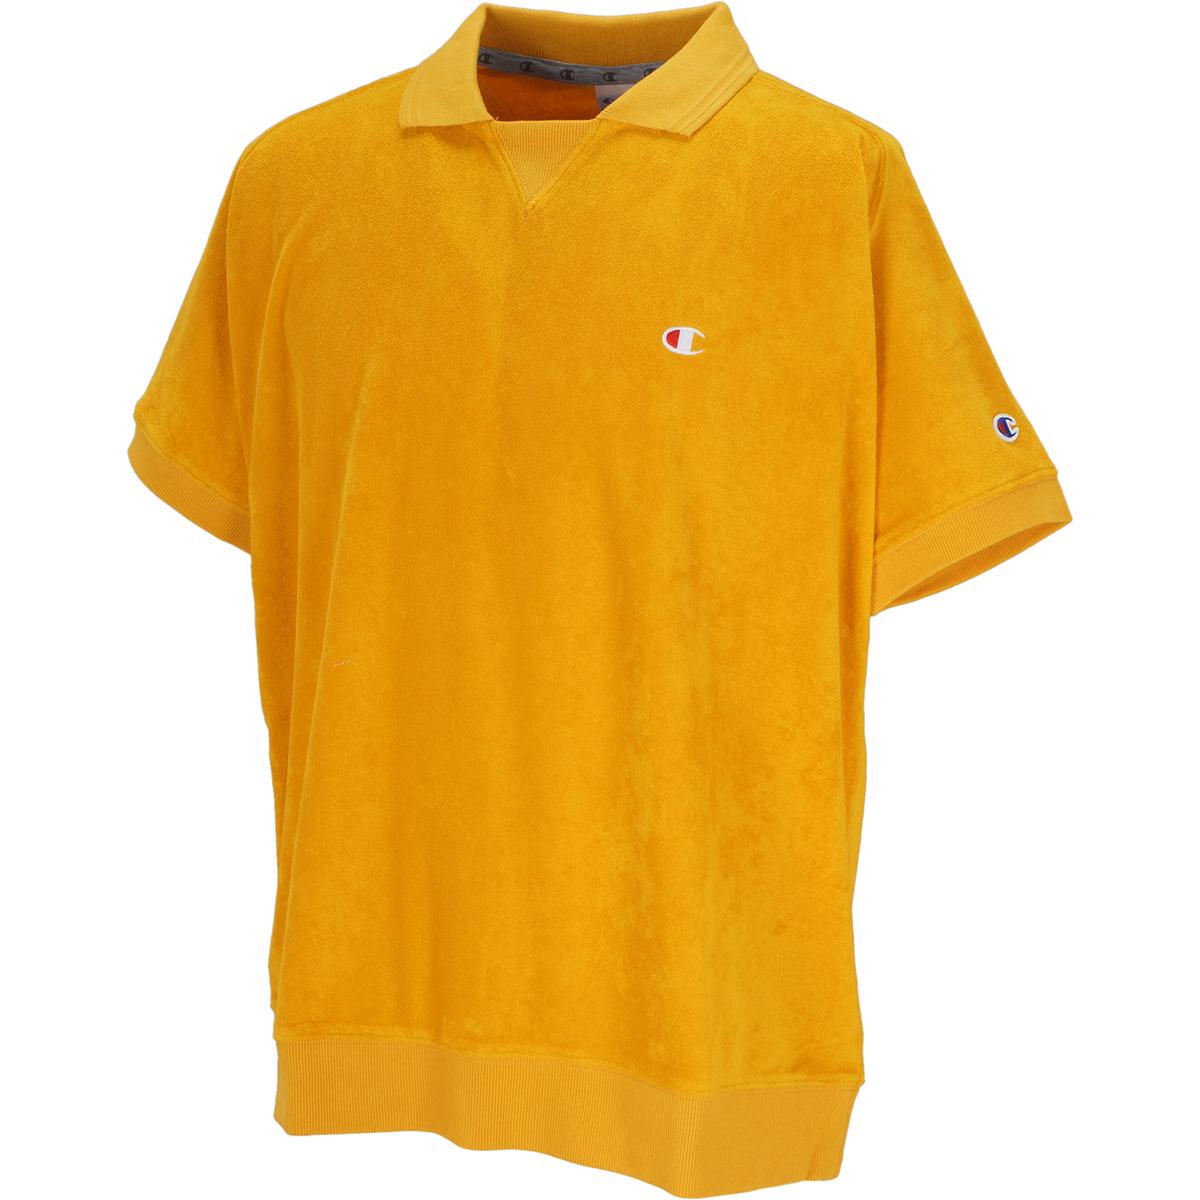 パイルガゼット 半袖ポロシャツ